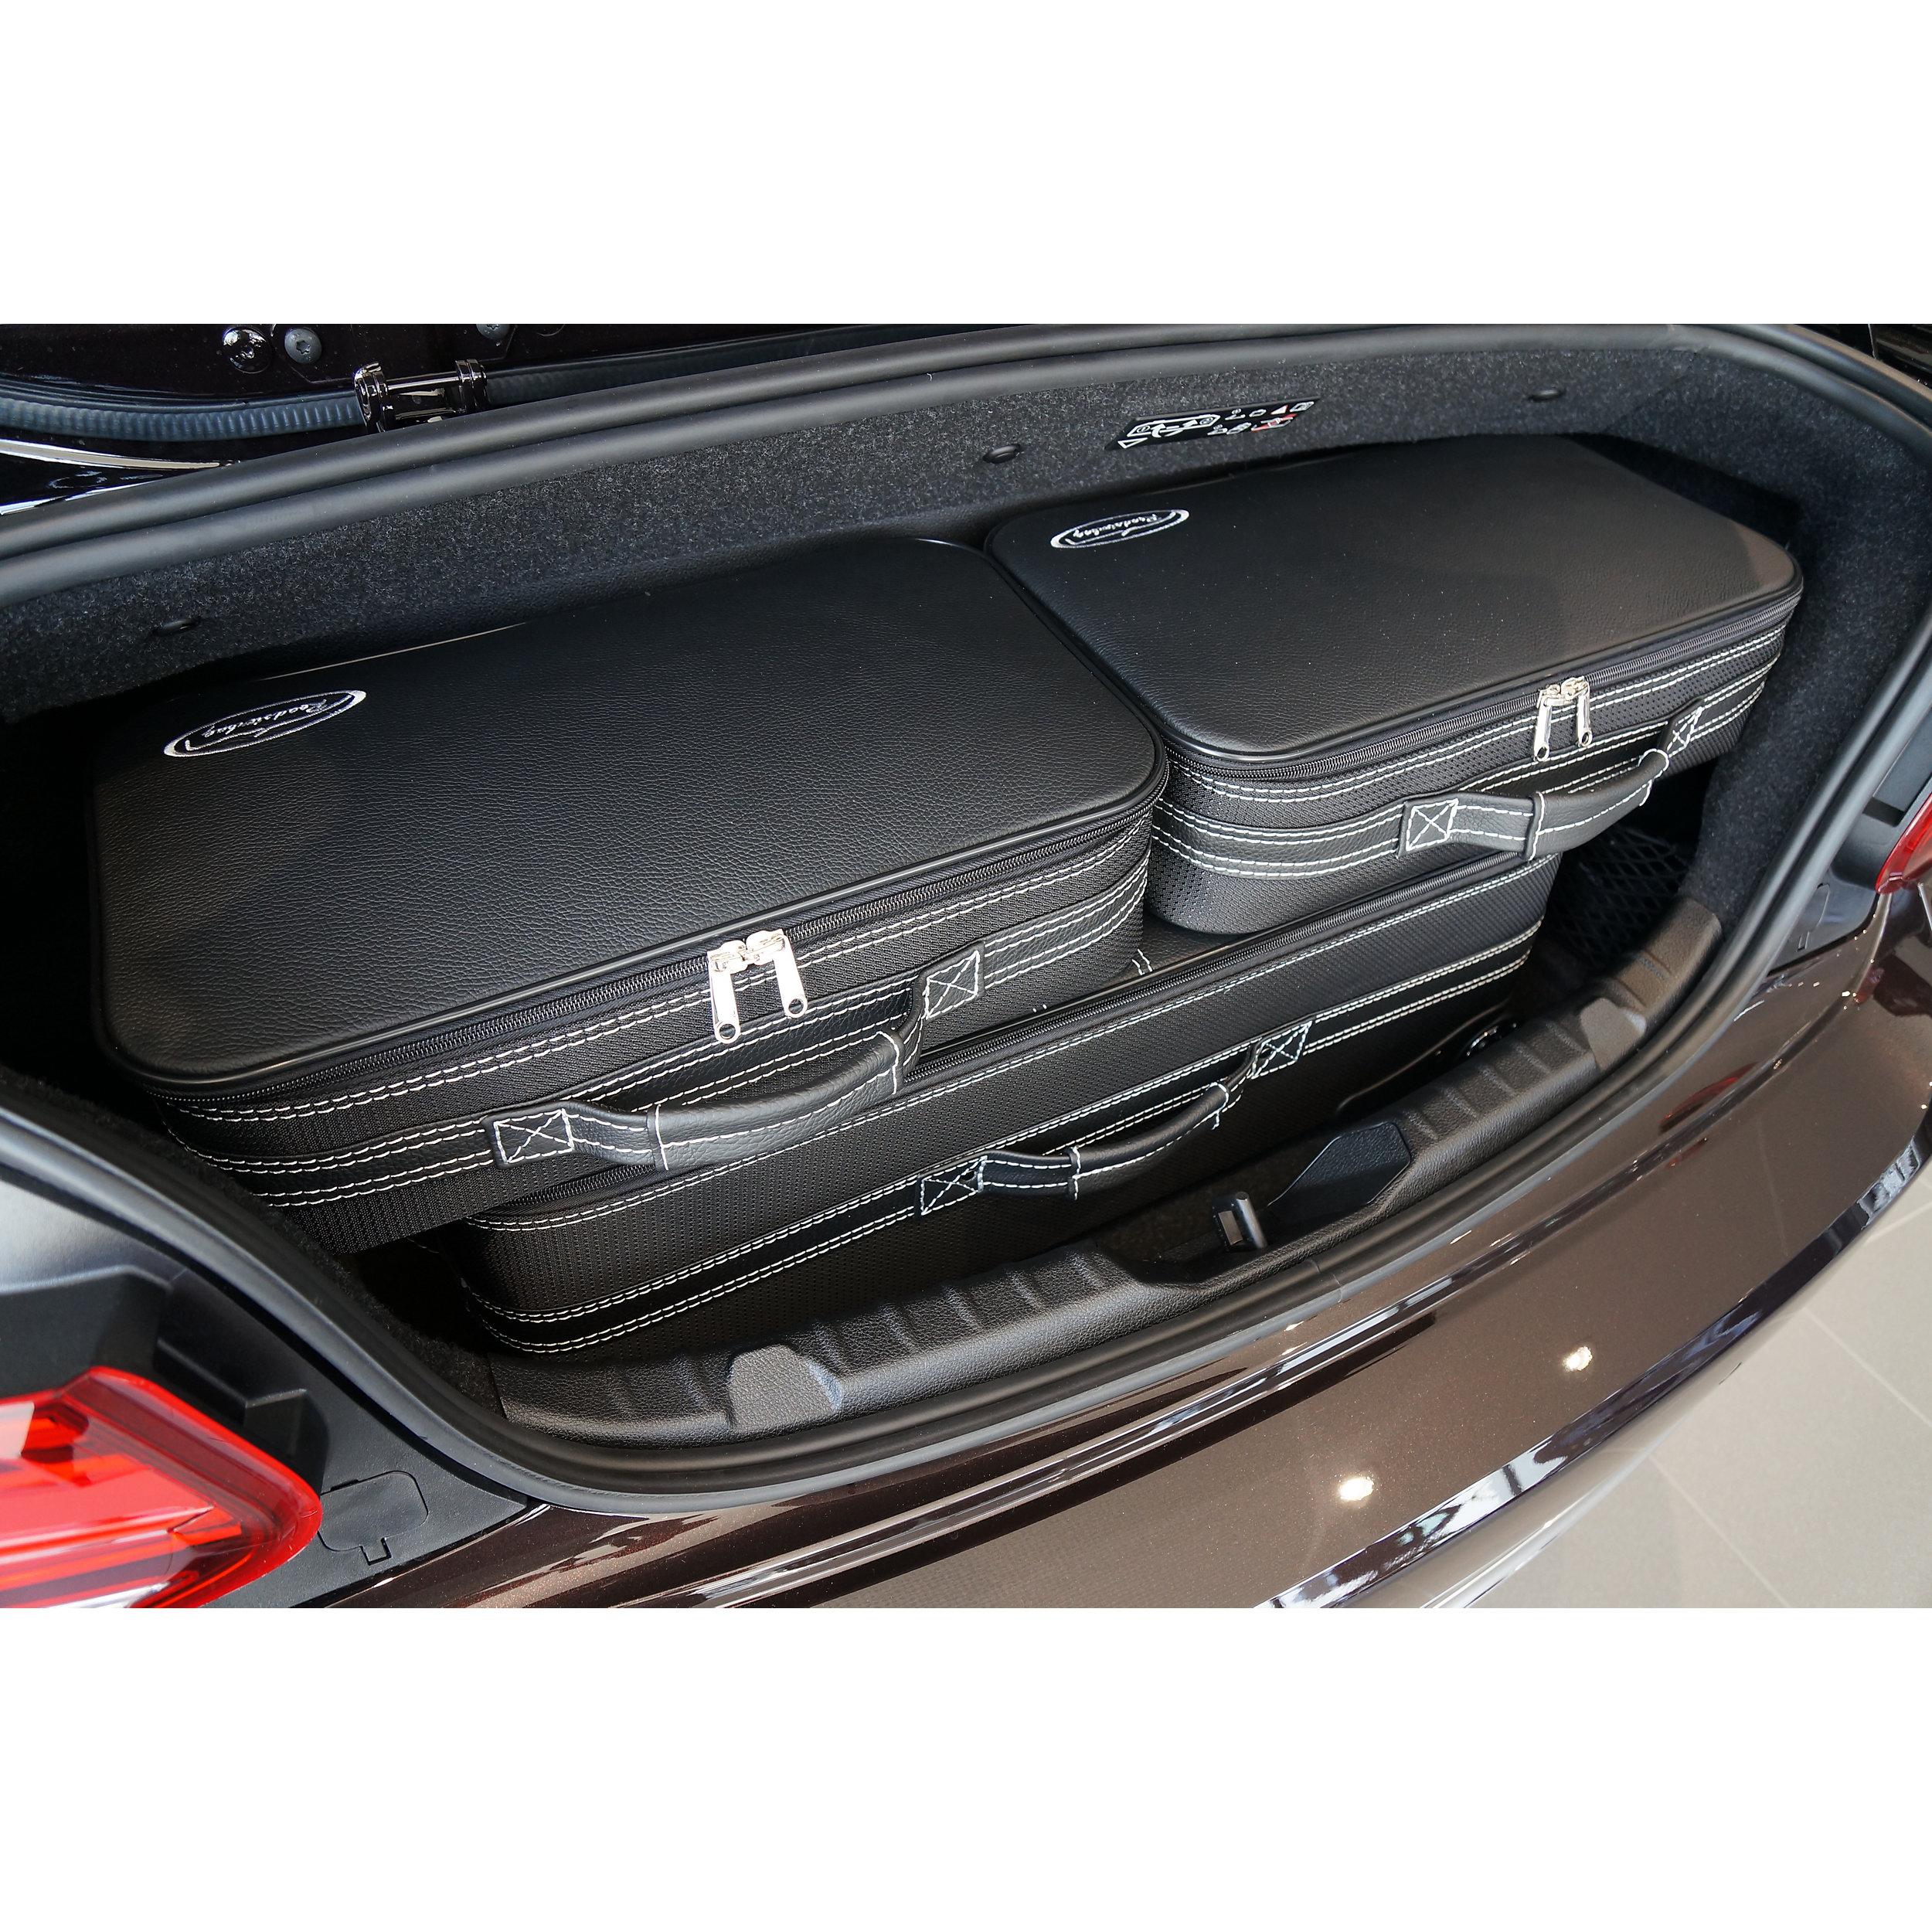 4-tlg. Kofferset mit 2 Rollen BMW 2er Cabrio (F23)